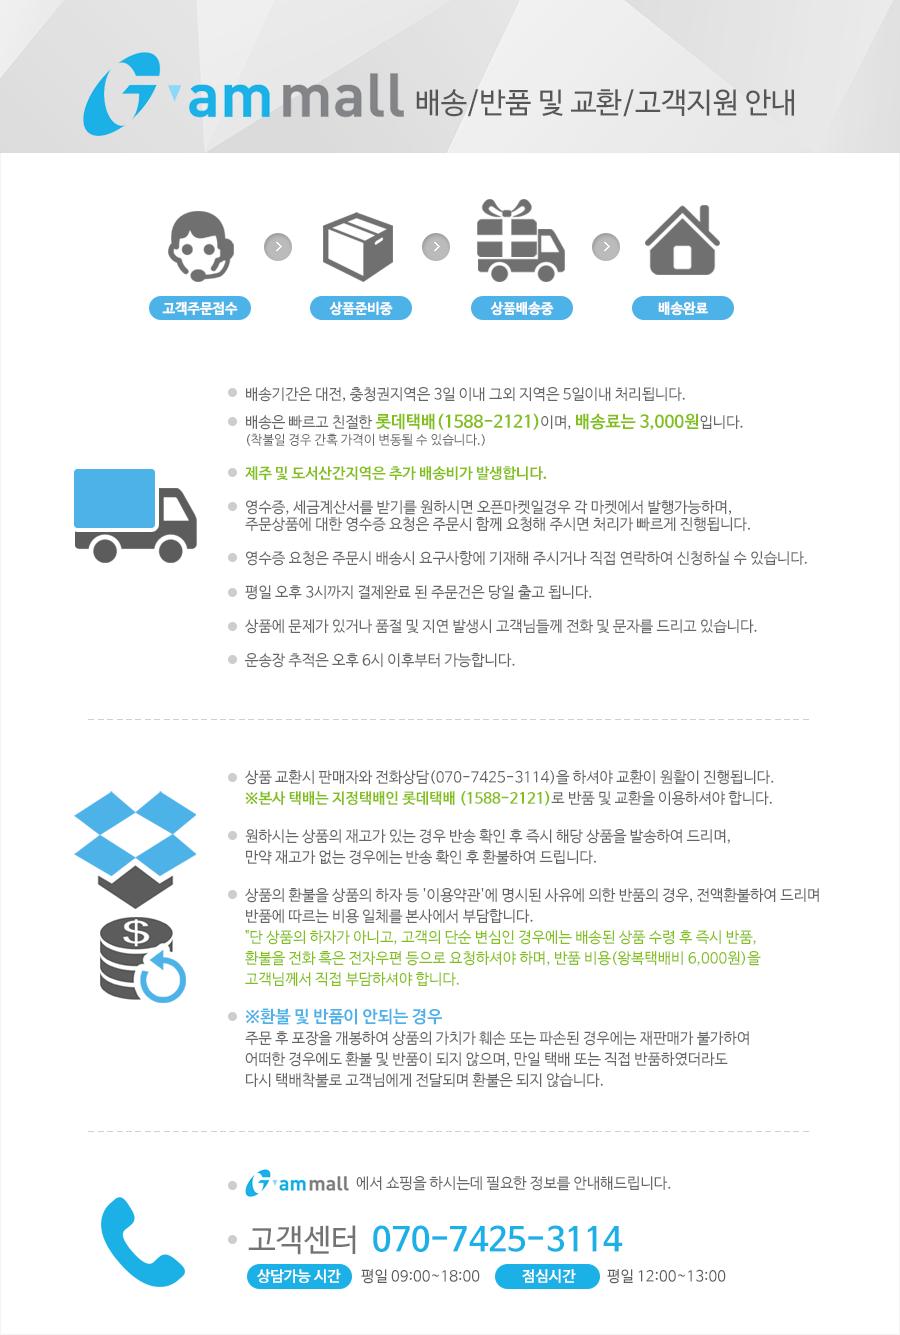 gam_customer.png